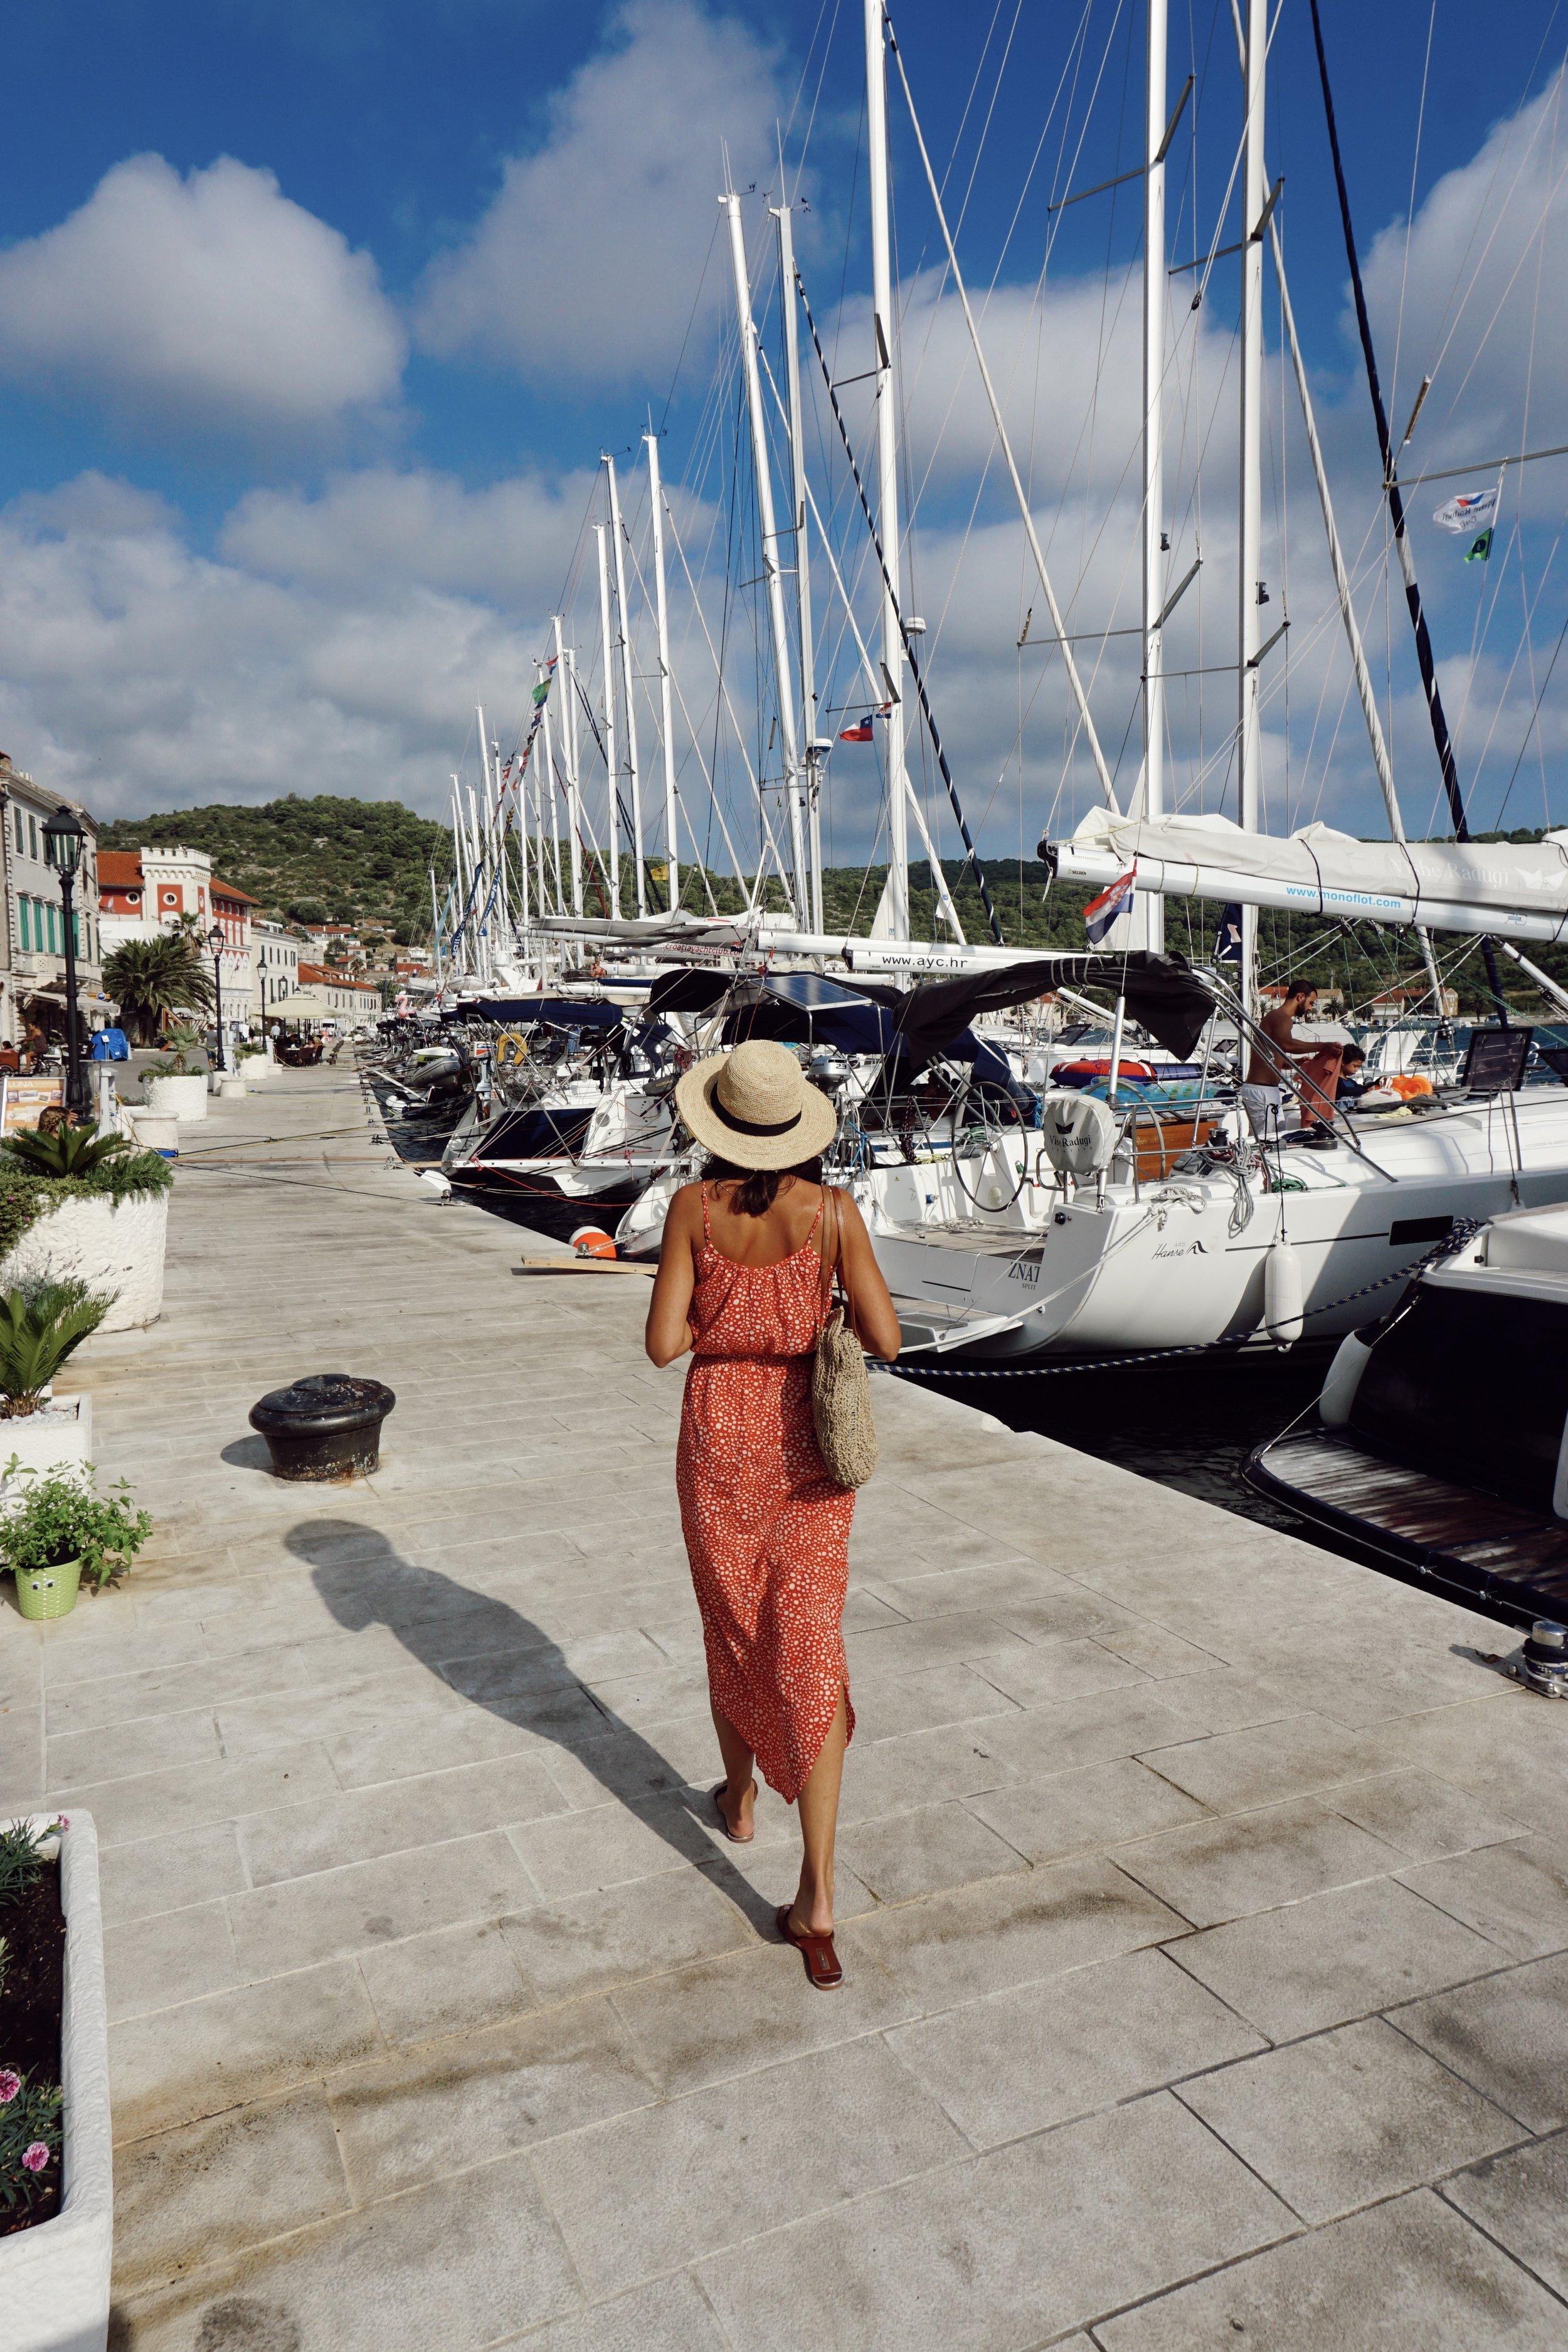 Sailweek Croatia - Vis Island